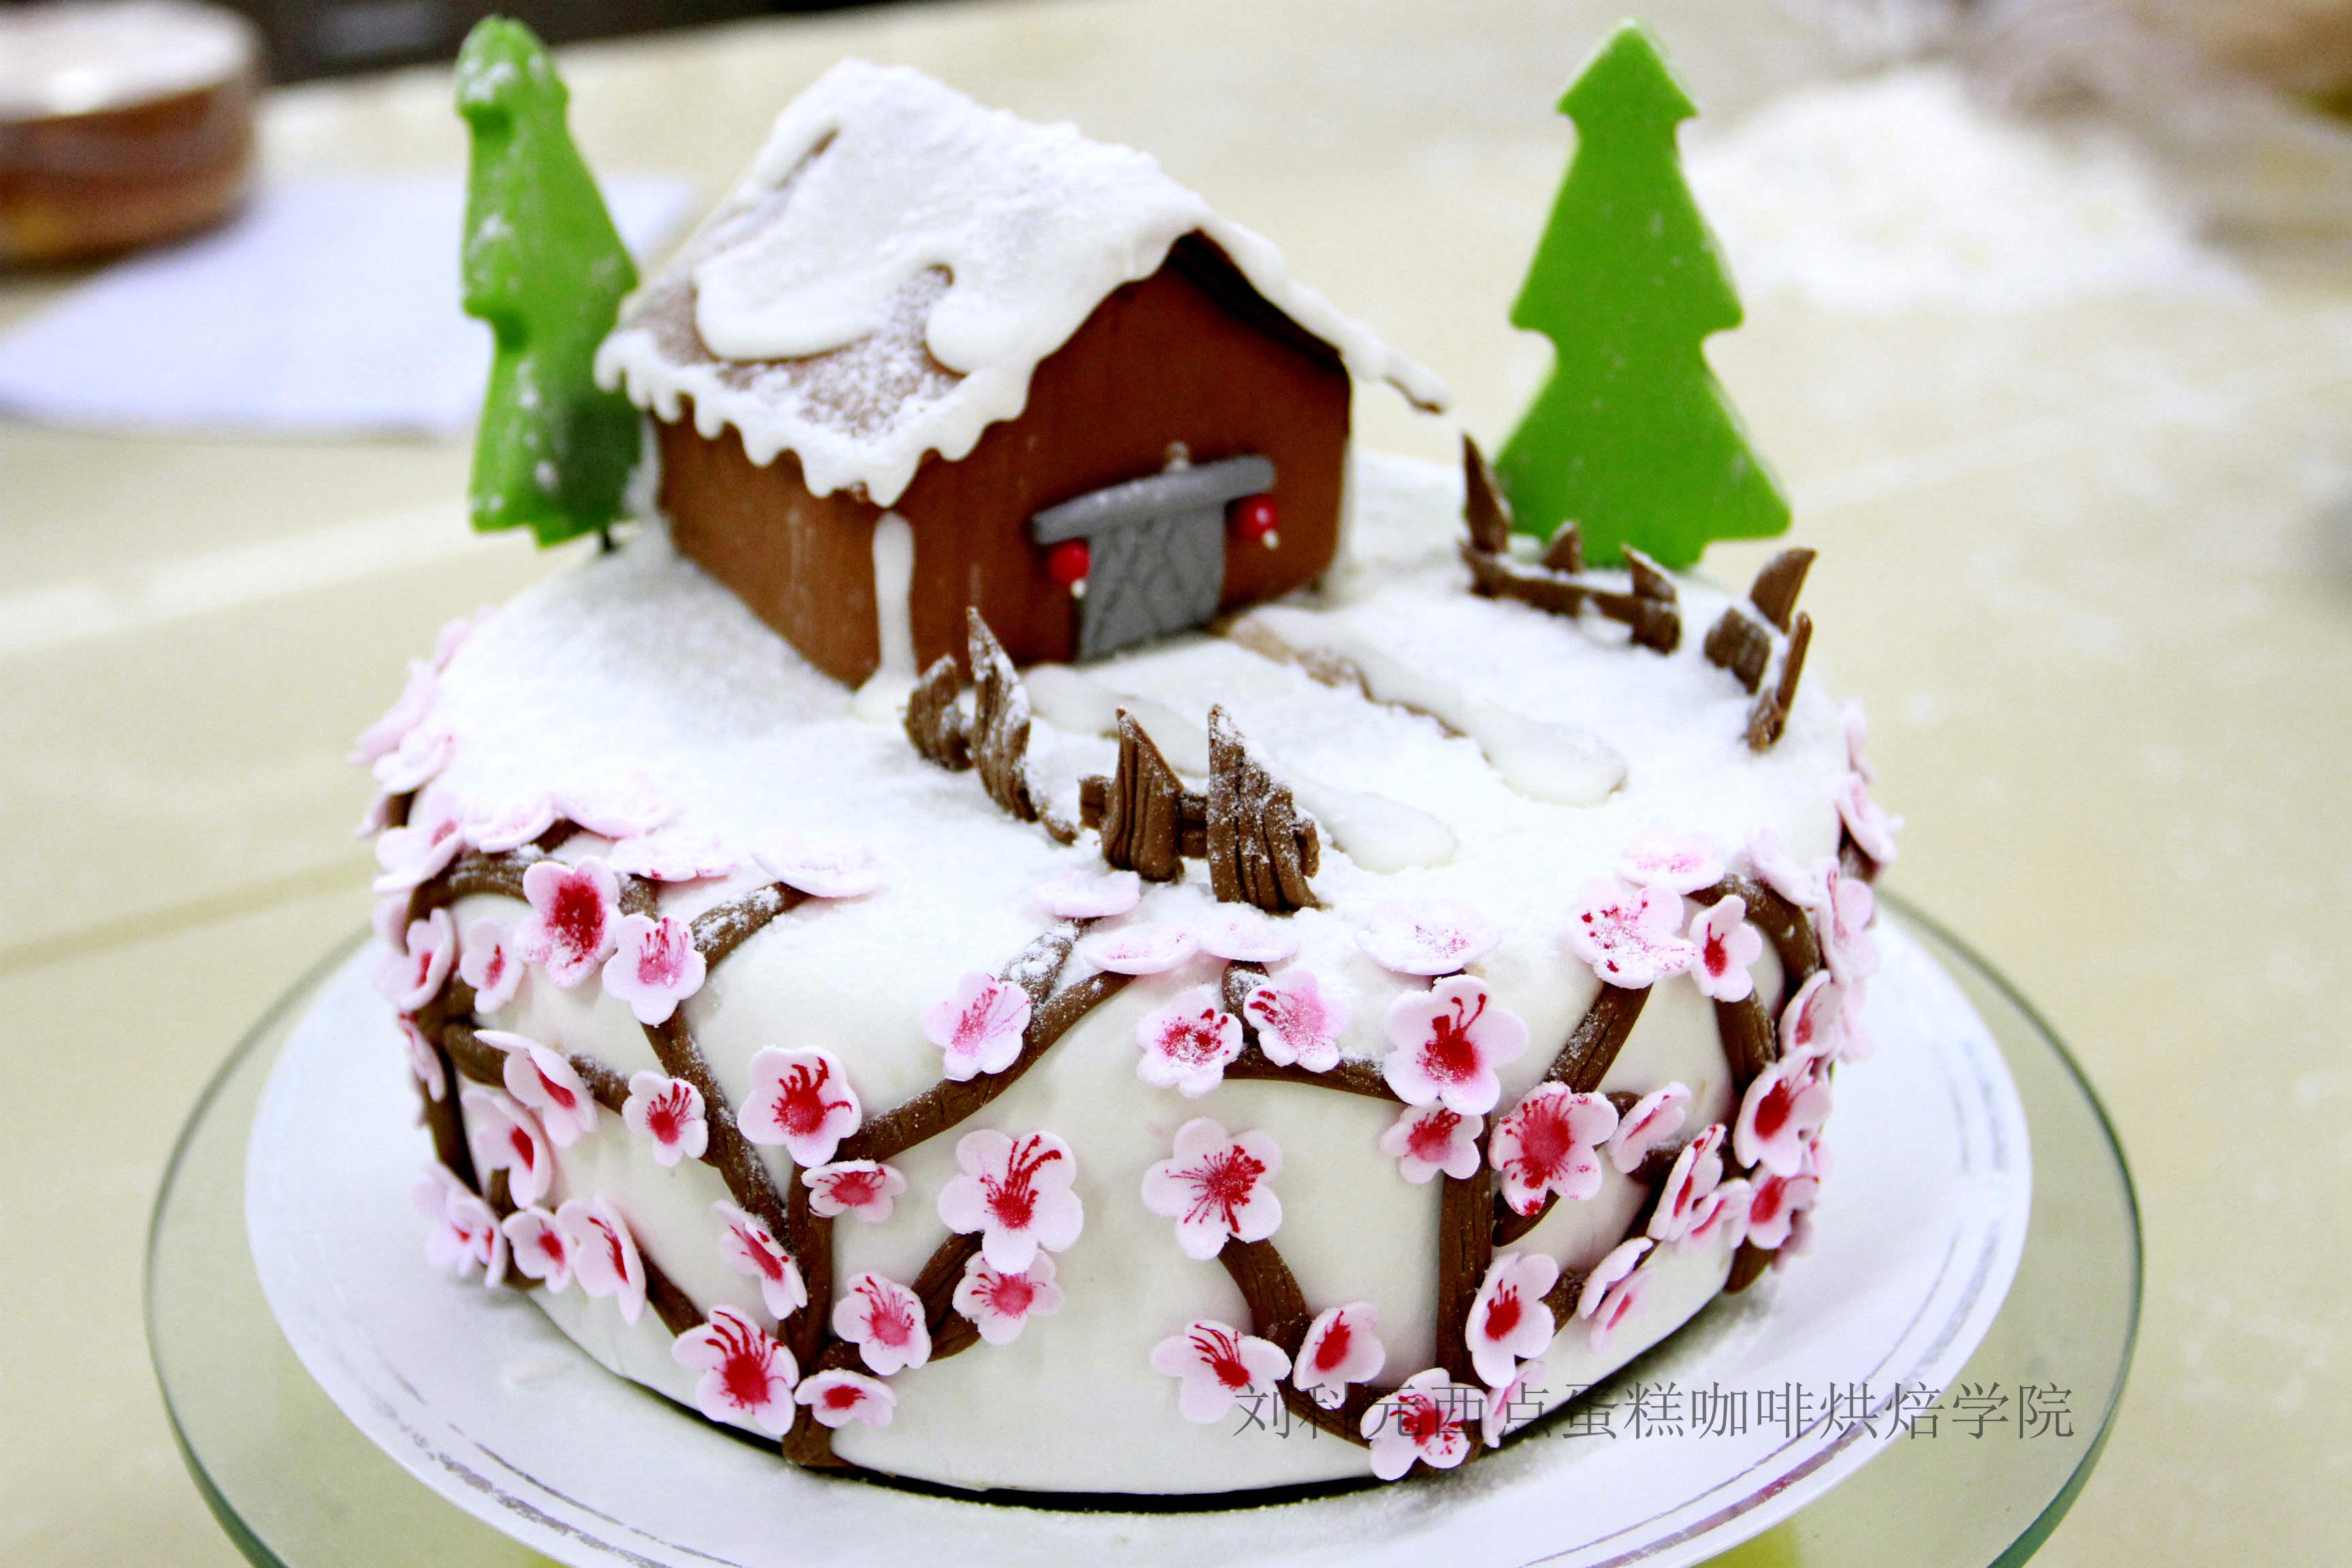 翻糖蛋糕图片,深圳翻糖蛋糕培训,好看的翻糖蛋糕,流行翻糖蛋糕